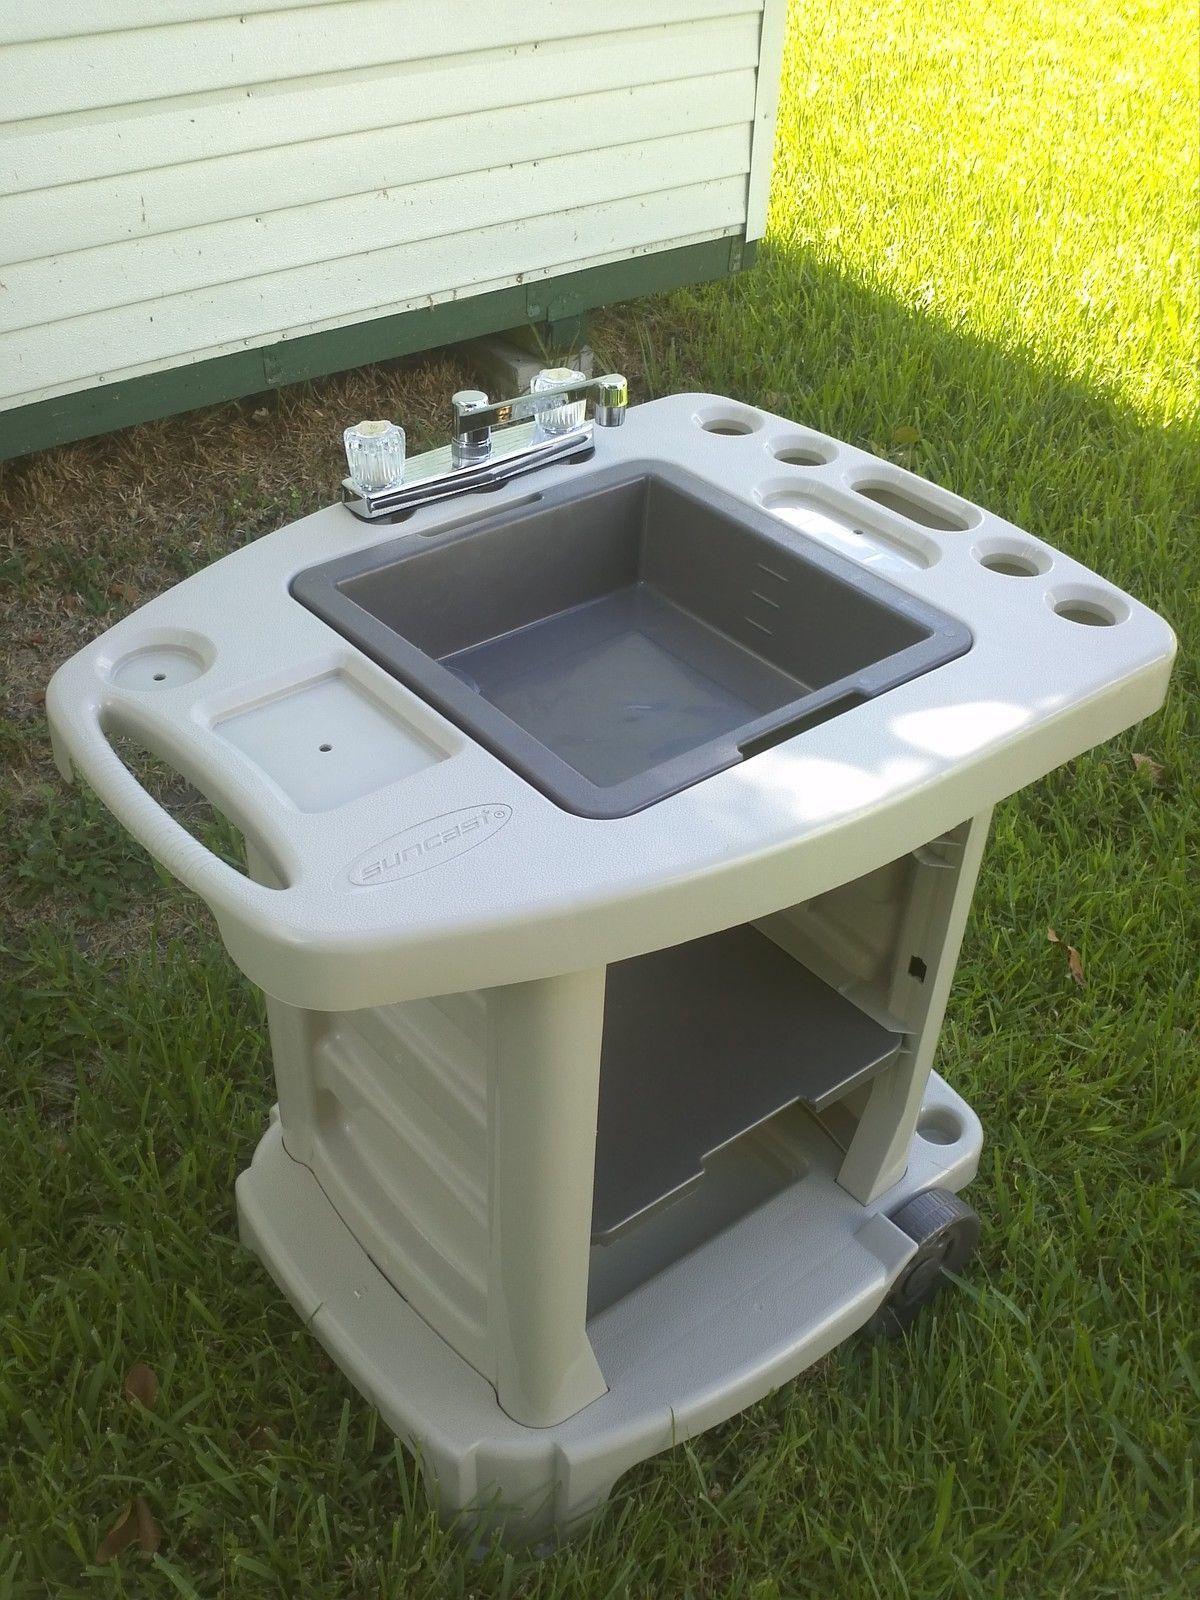 Outdoor Sink Station Idea Outdoor Kitchen Sink Outdoor Sinks Kitchen Sink Design